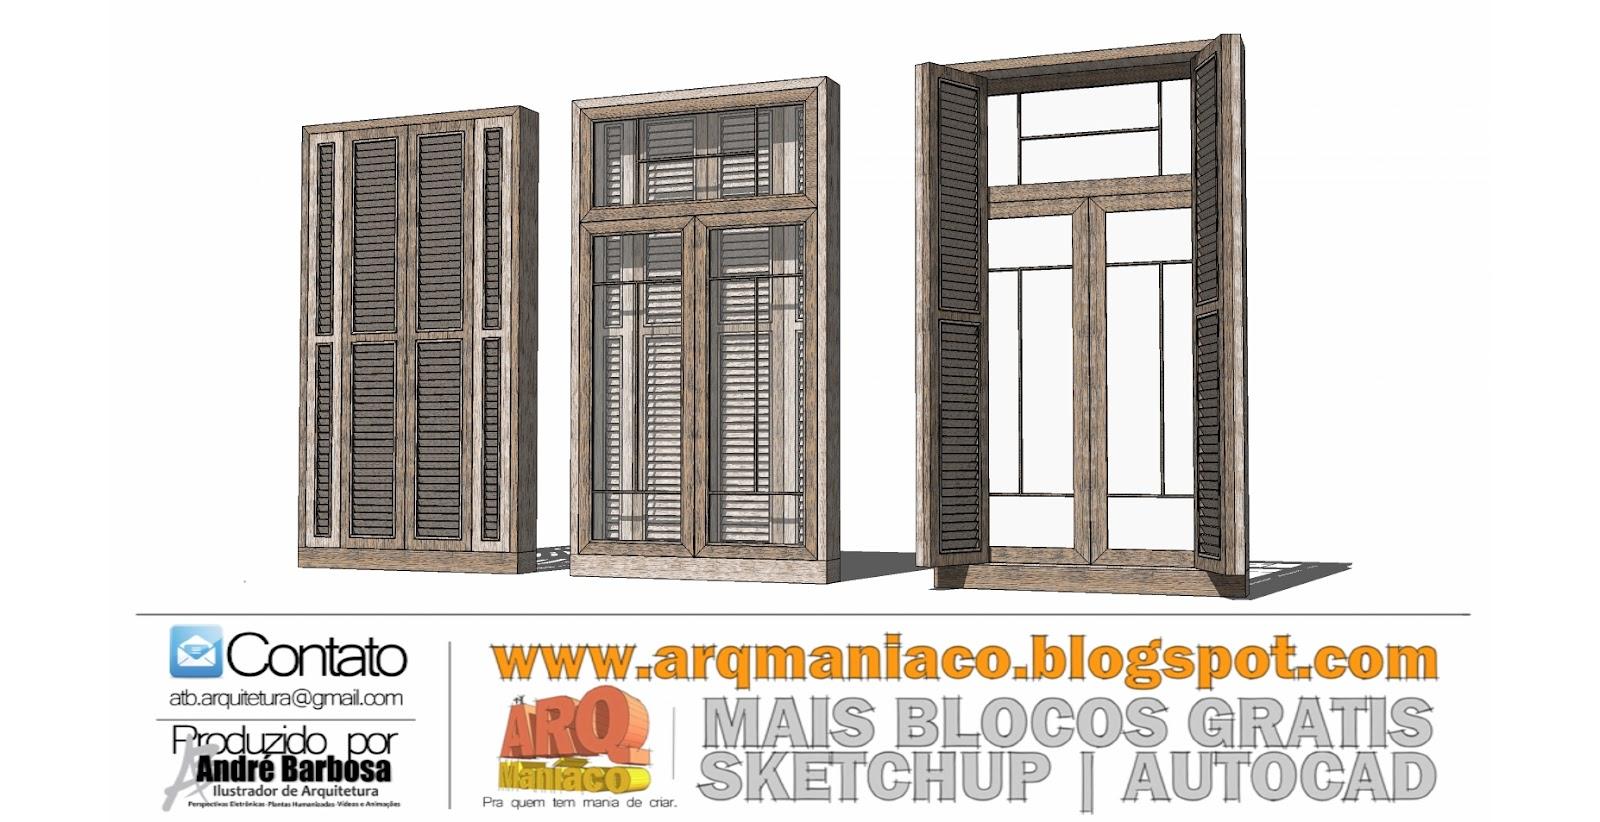 Imagens de #AE6A1D Como Fazer Um Banco Com Blocos De Concreto Para Jardim Pictures to pin 1600x822 px 3456 Bloco Banheiro Autocad 3d